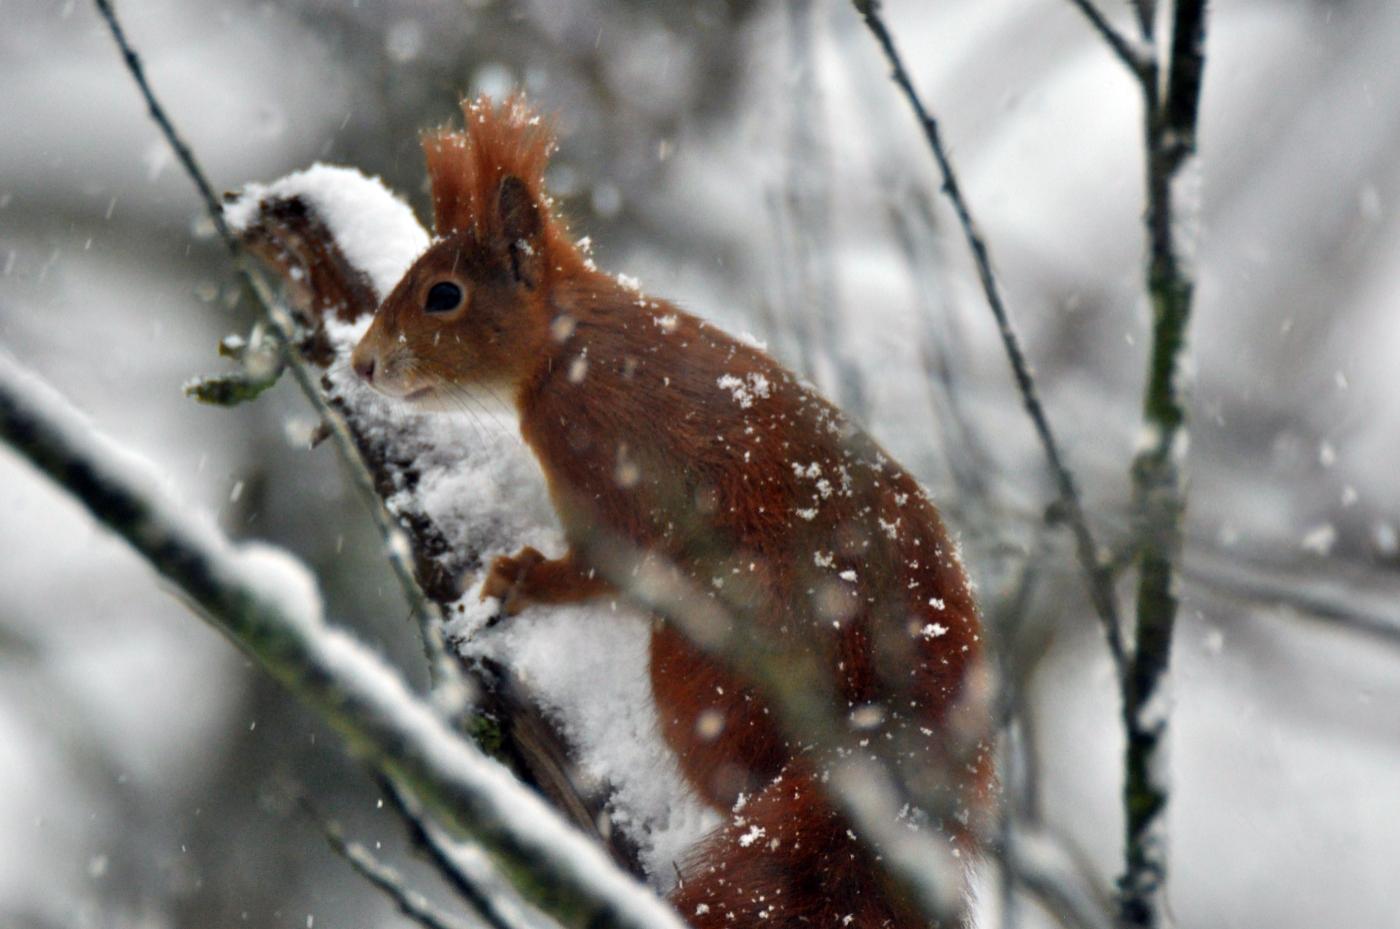 02 Eichh_rnchen im Winter_copyright nautilusfilm_1400